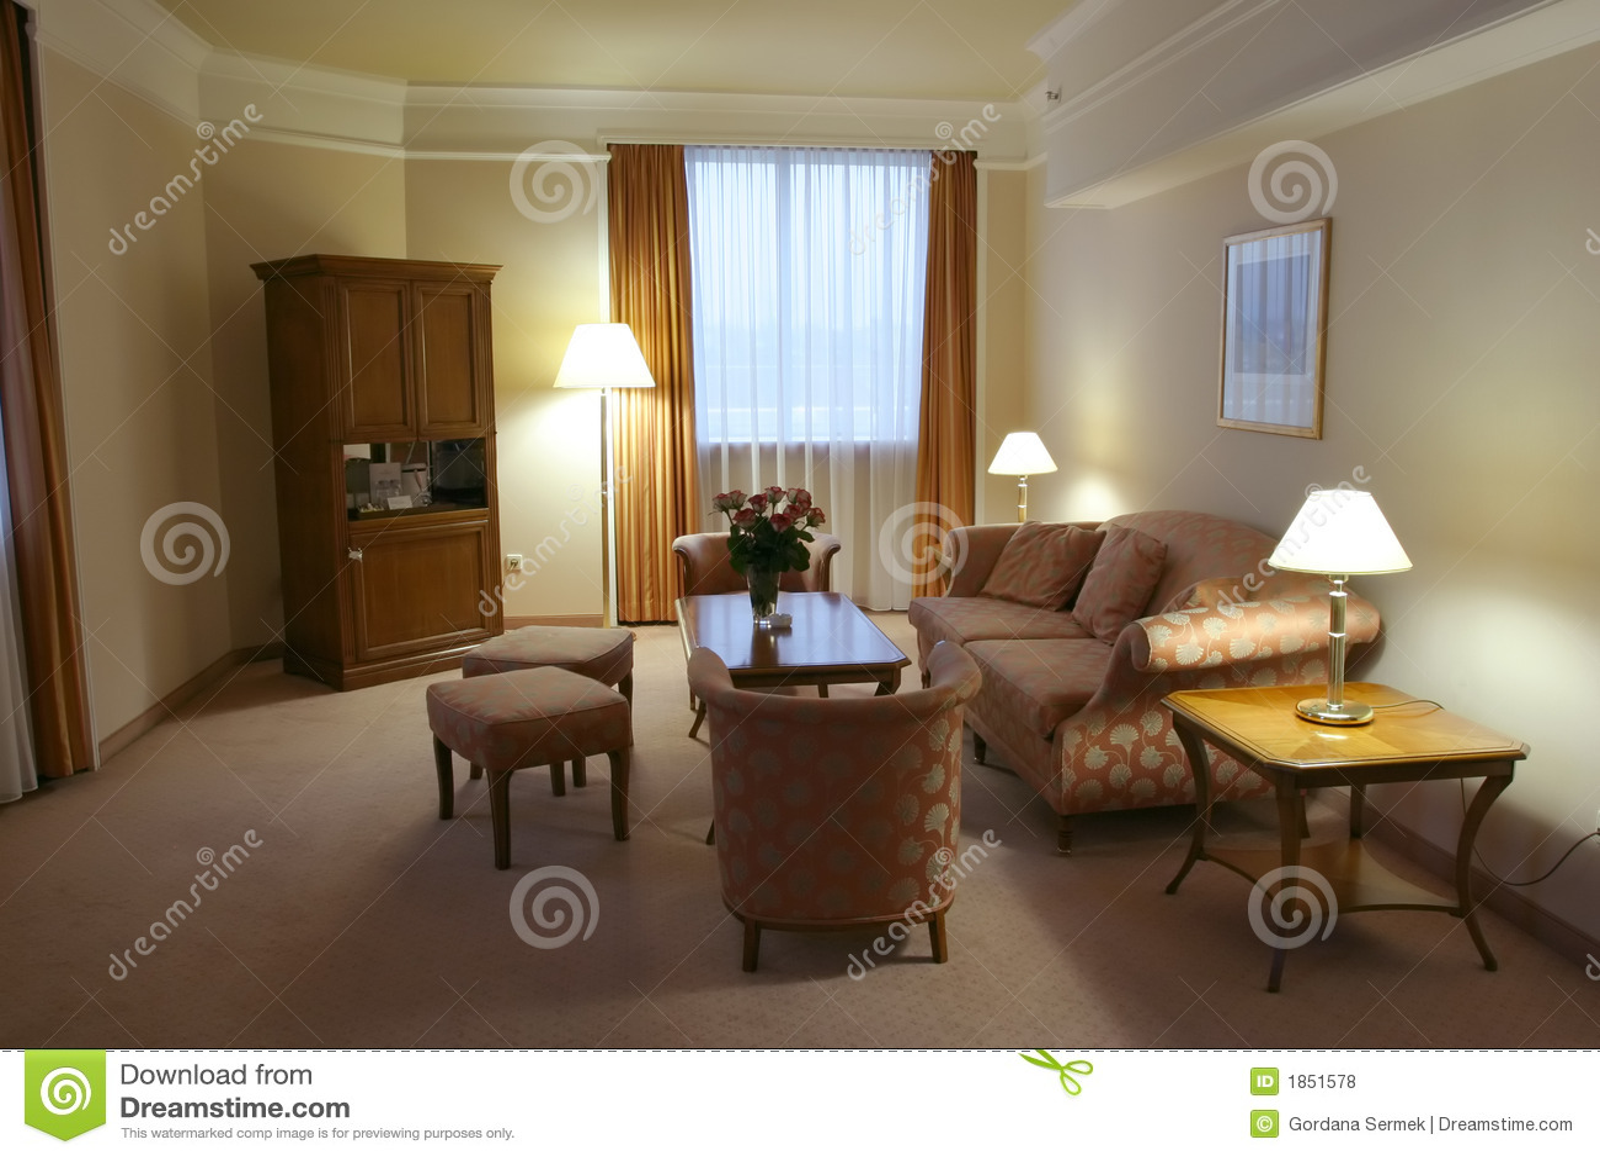 Decorazione moderna della camera da letto fotografia stock - Camera da letto moderna ...